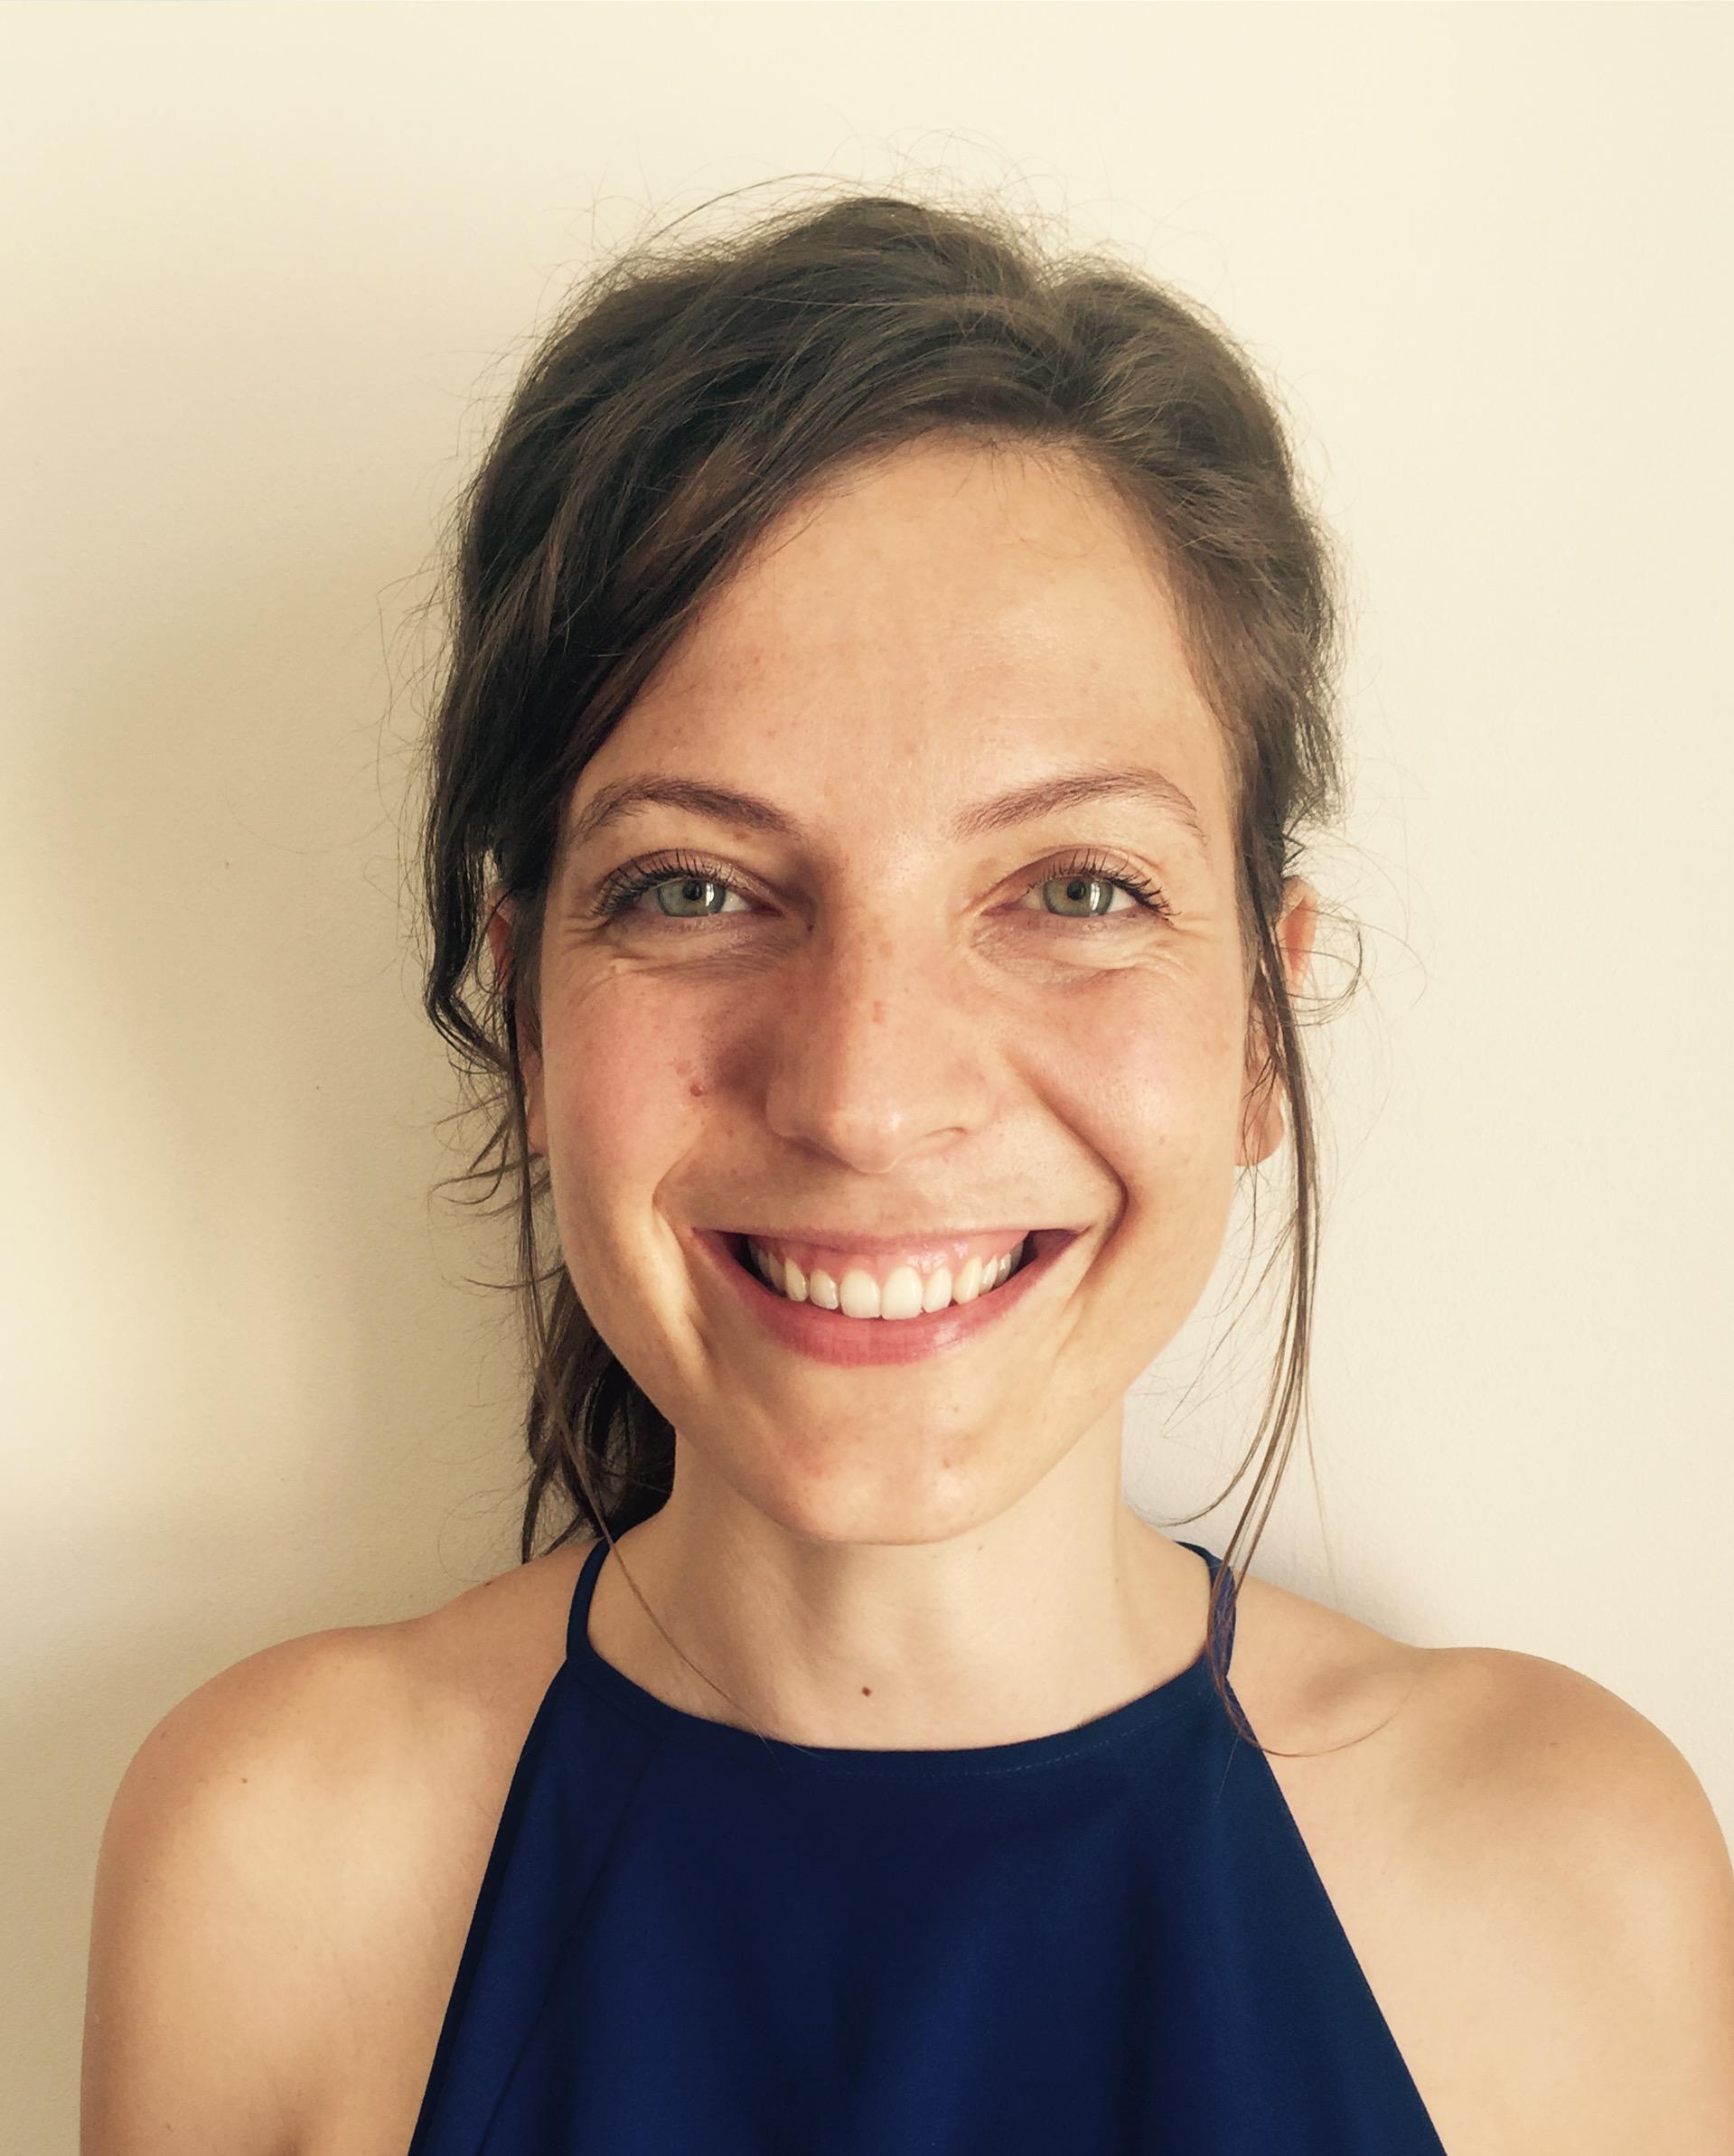 Leticia Hurteau